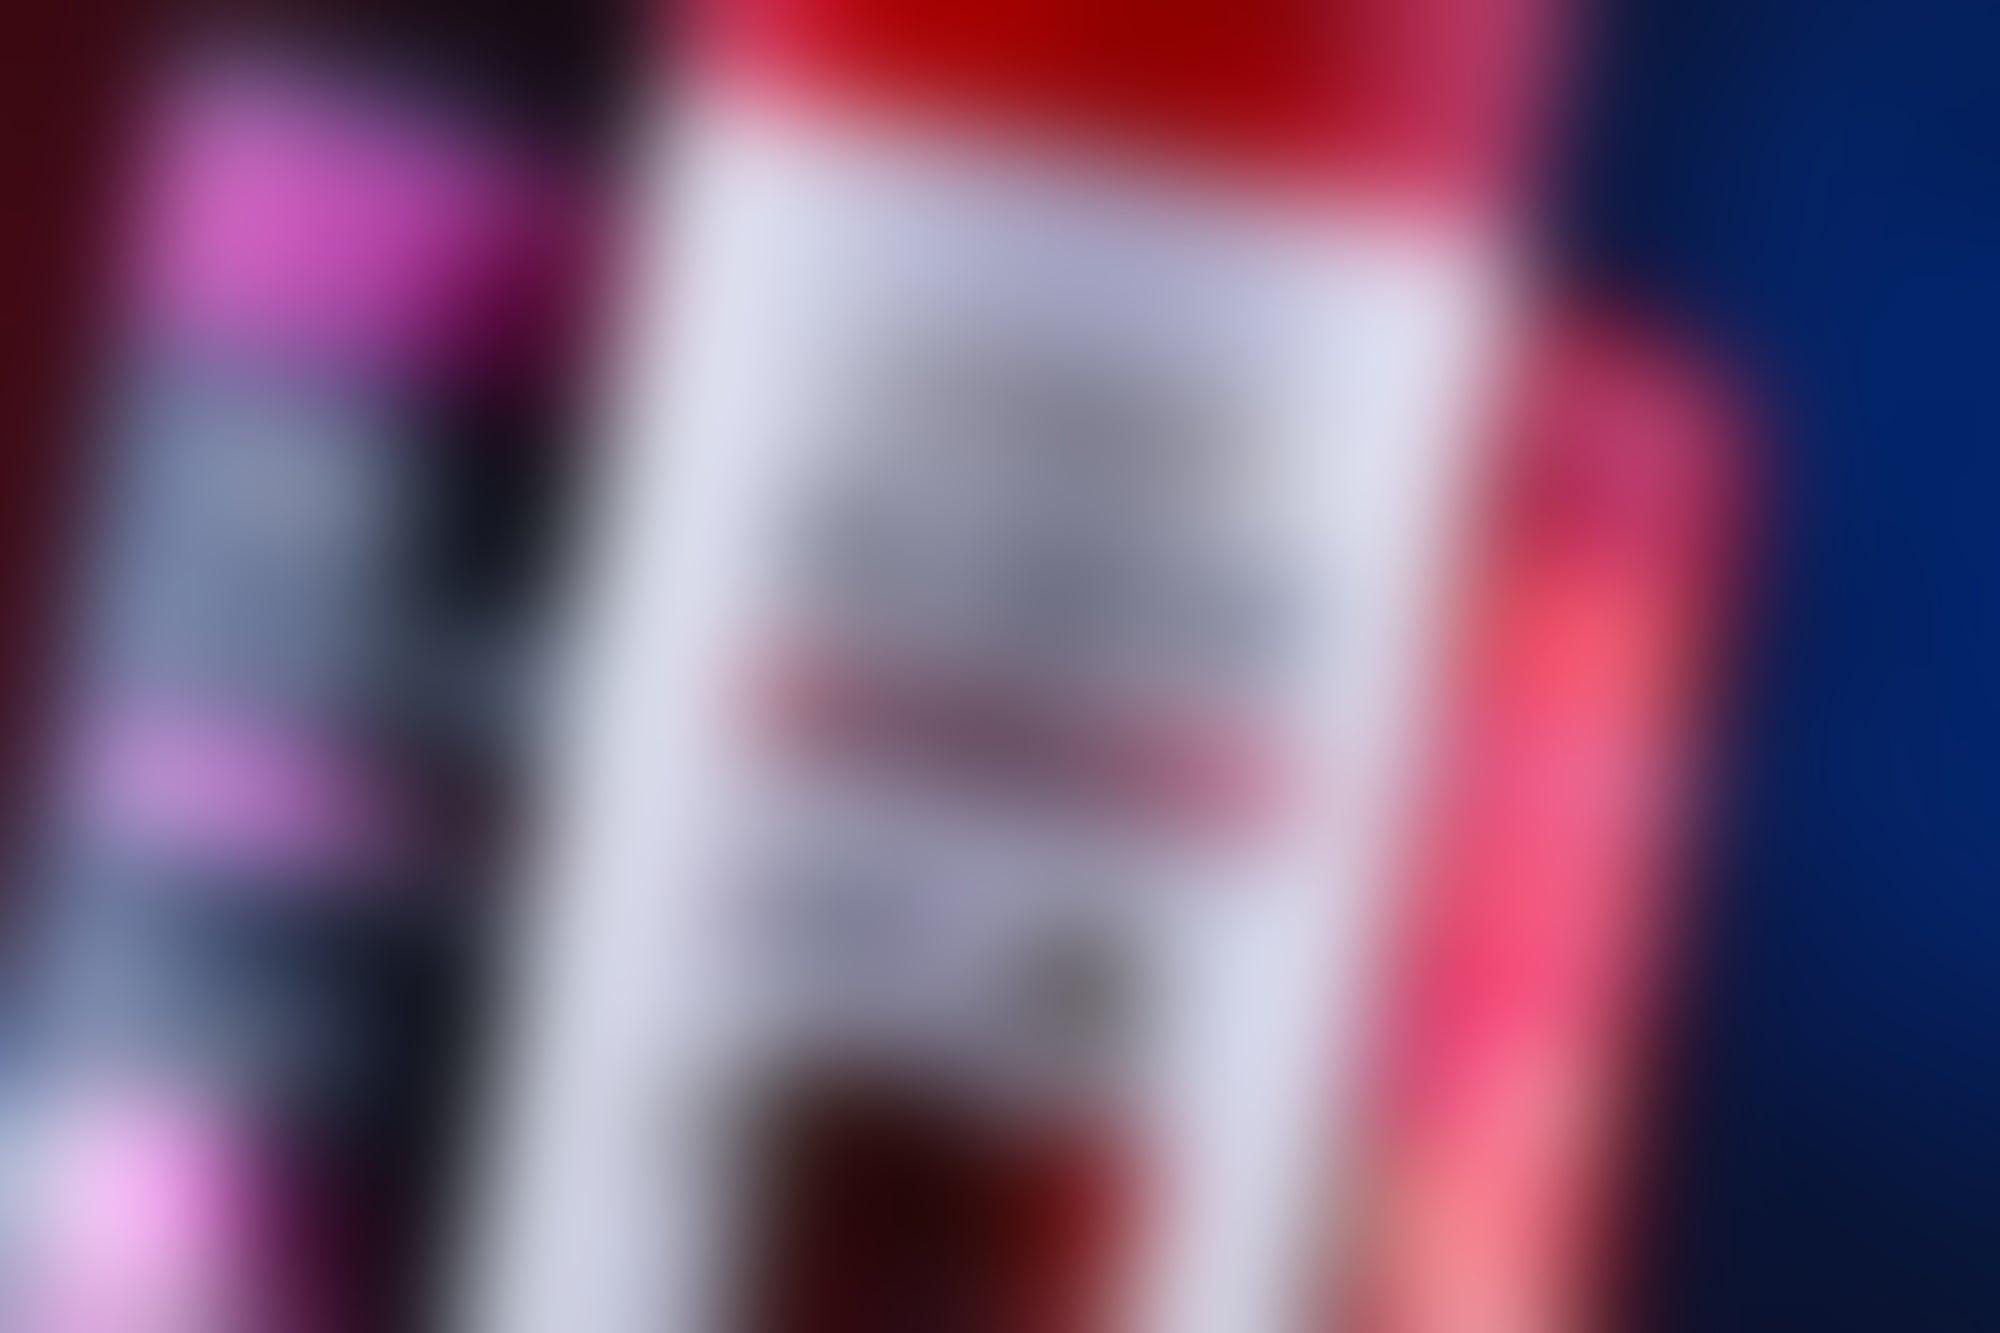 10 secretos de L'Oréal para construir una marca admirable y que todos amen